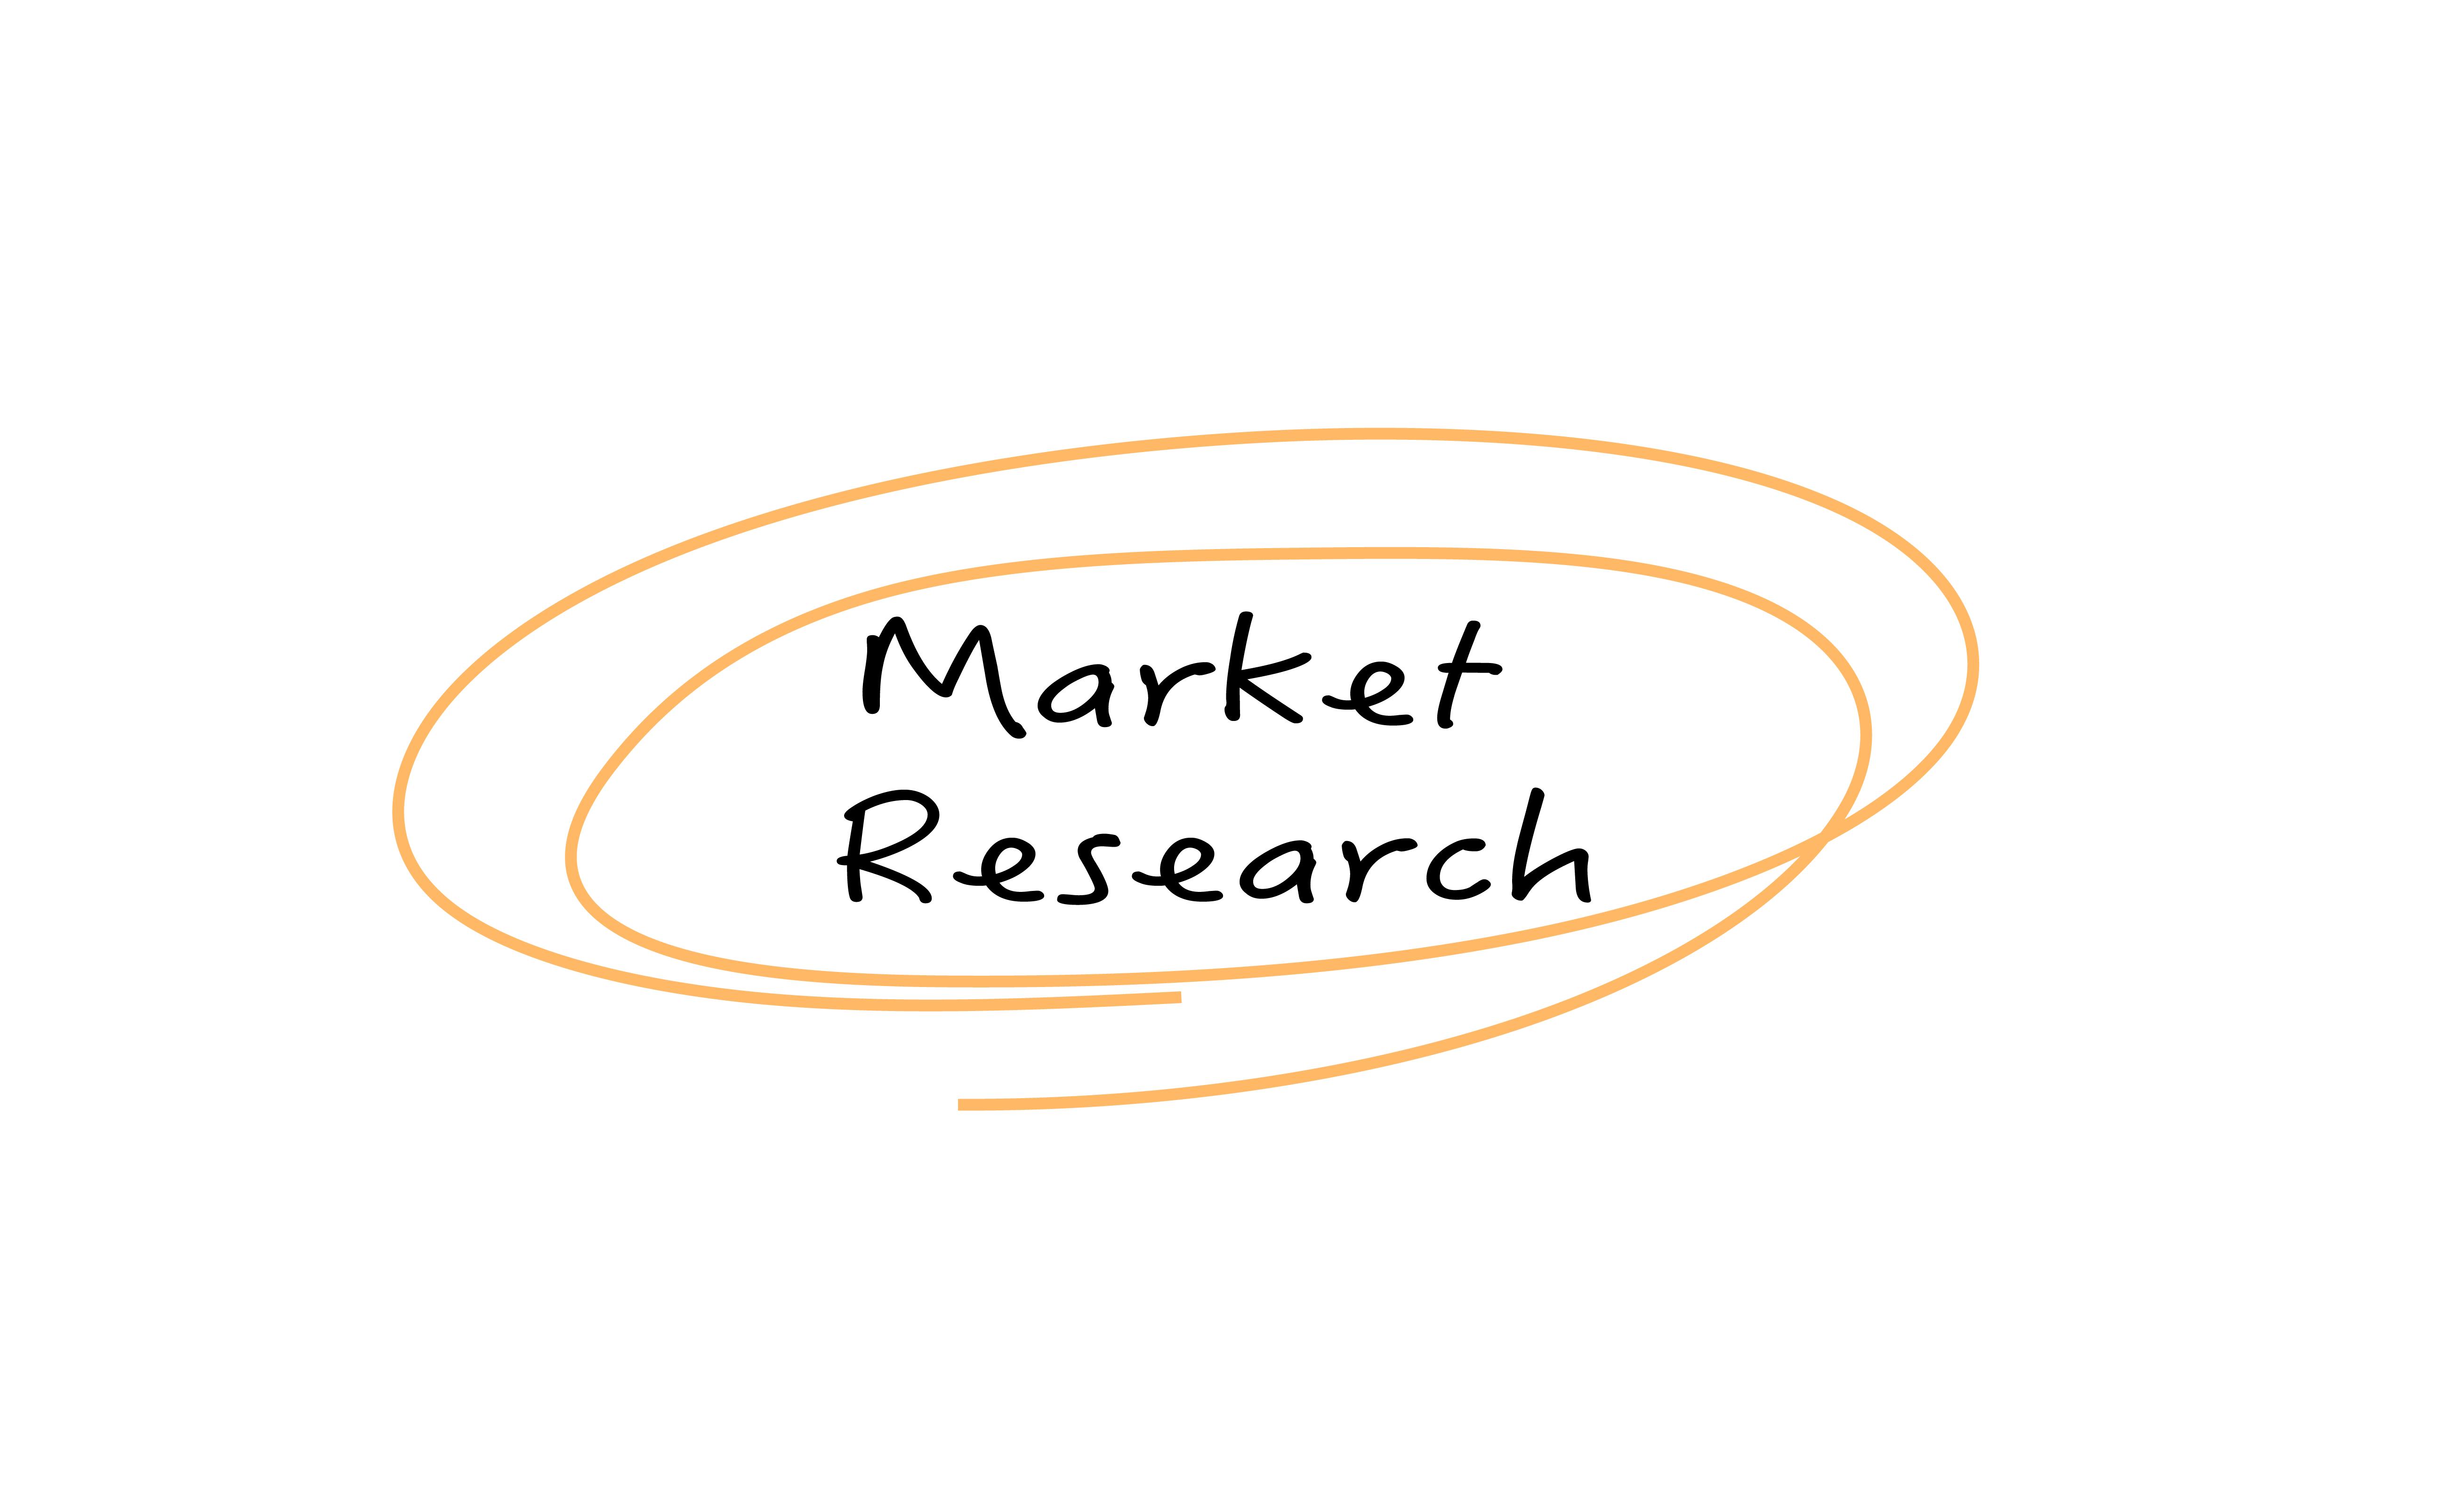 市調公司能幫你找到市場需求嗎?